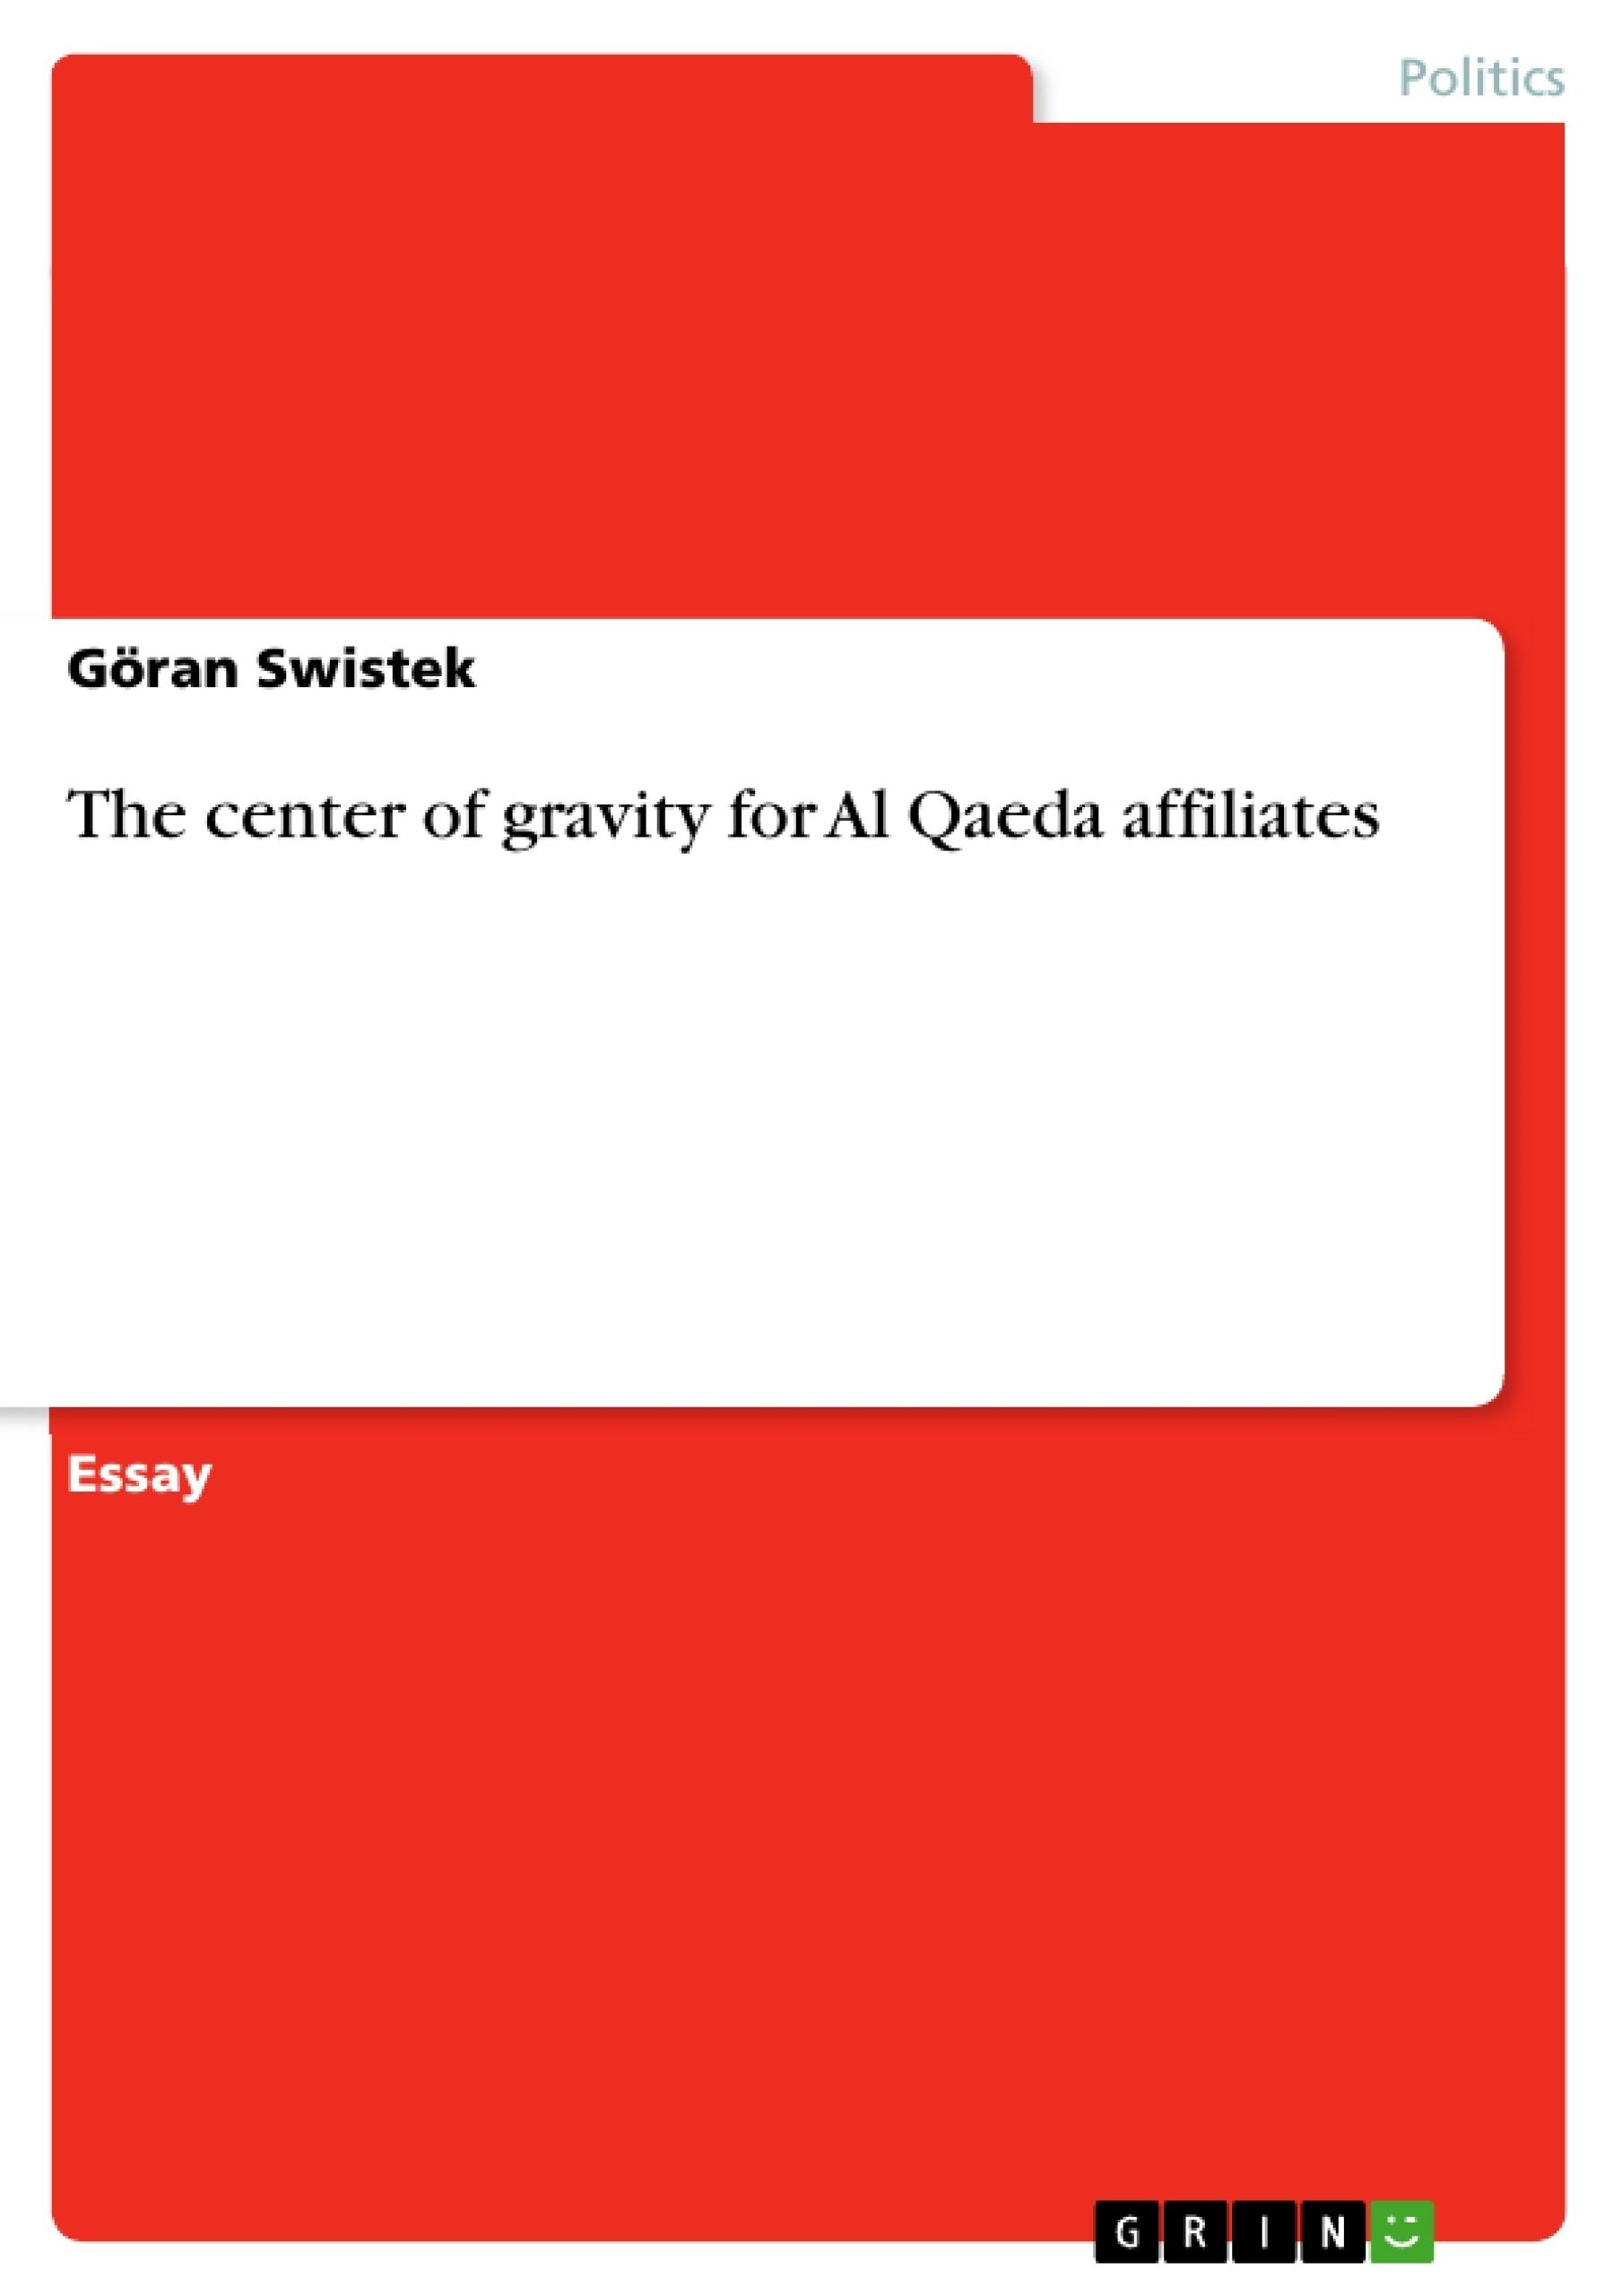 Title: The center of gravity for Al Qaeda affiliates